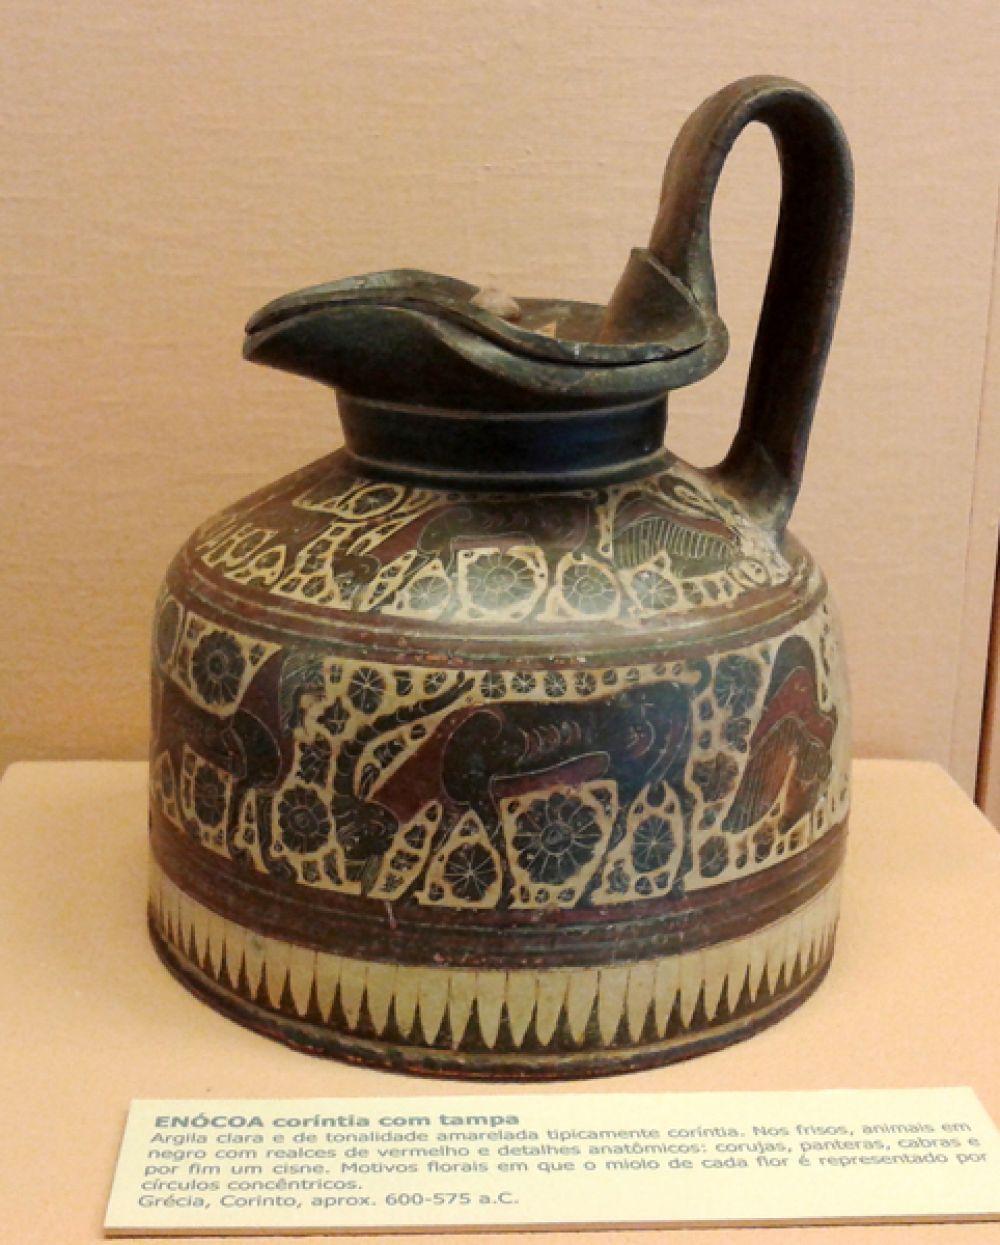 Коринфская ойнохойя (древнегреческий кувшин) с крышкой. 600-575 годы до н.э.